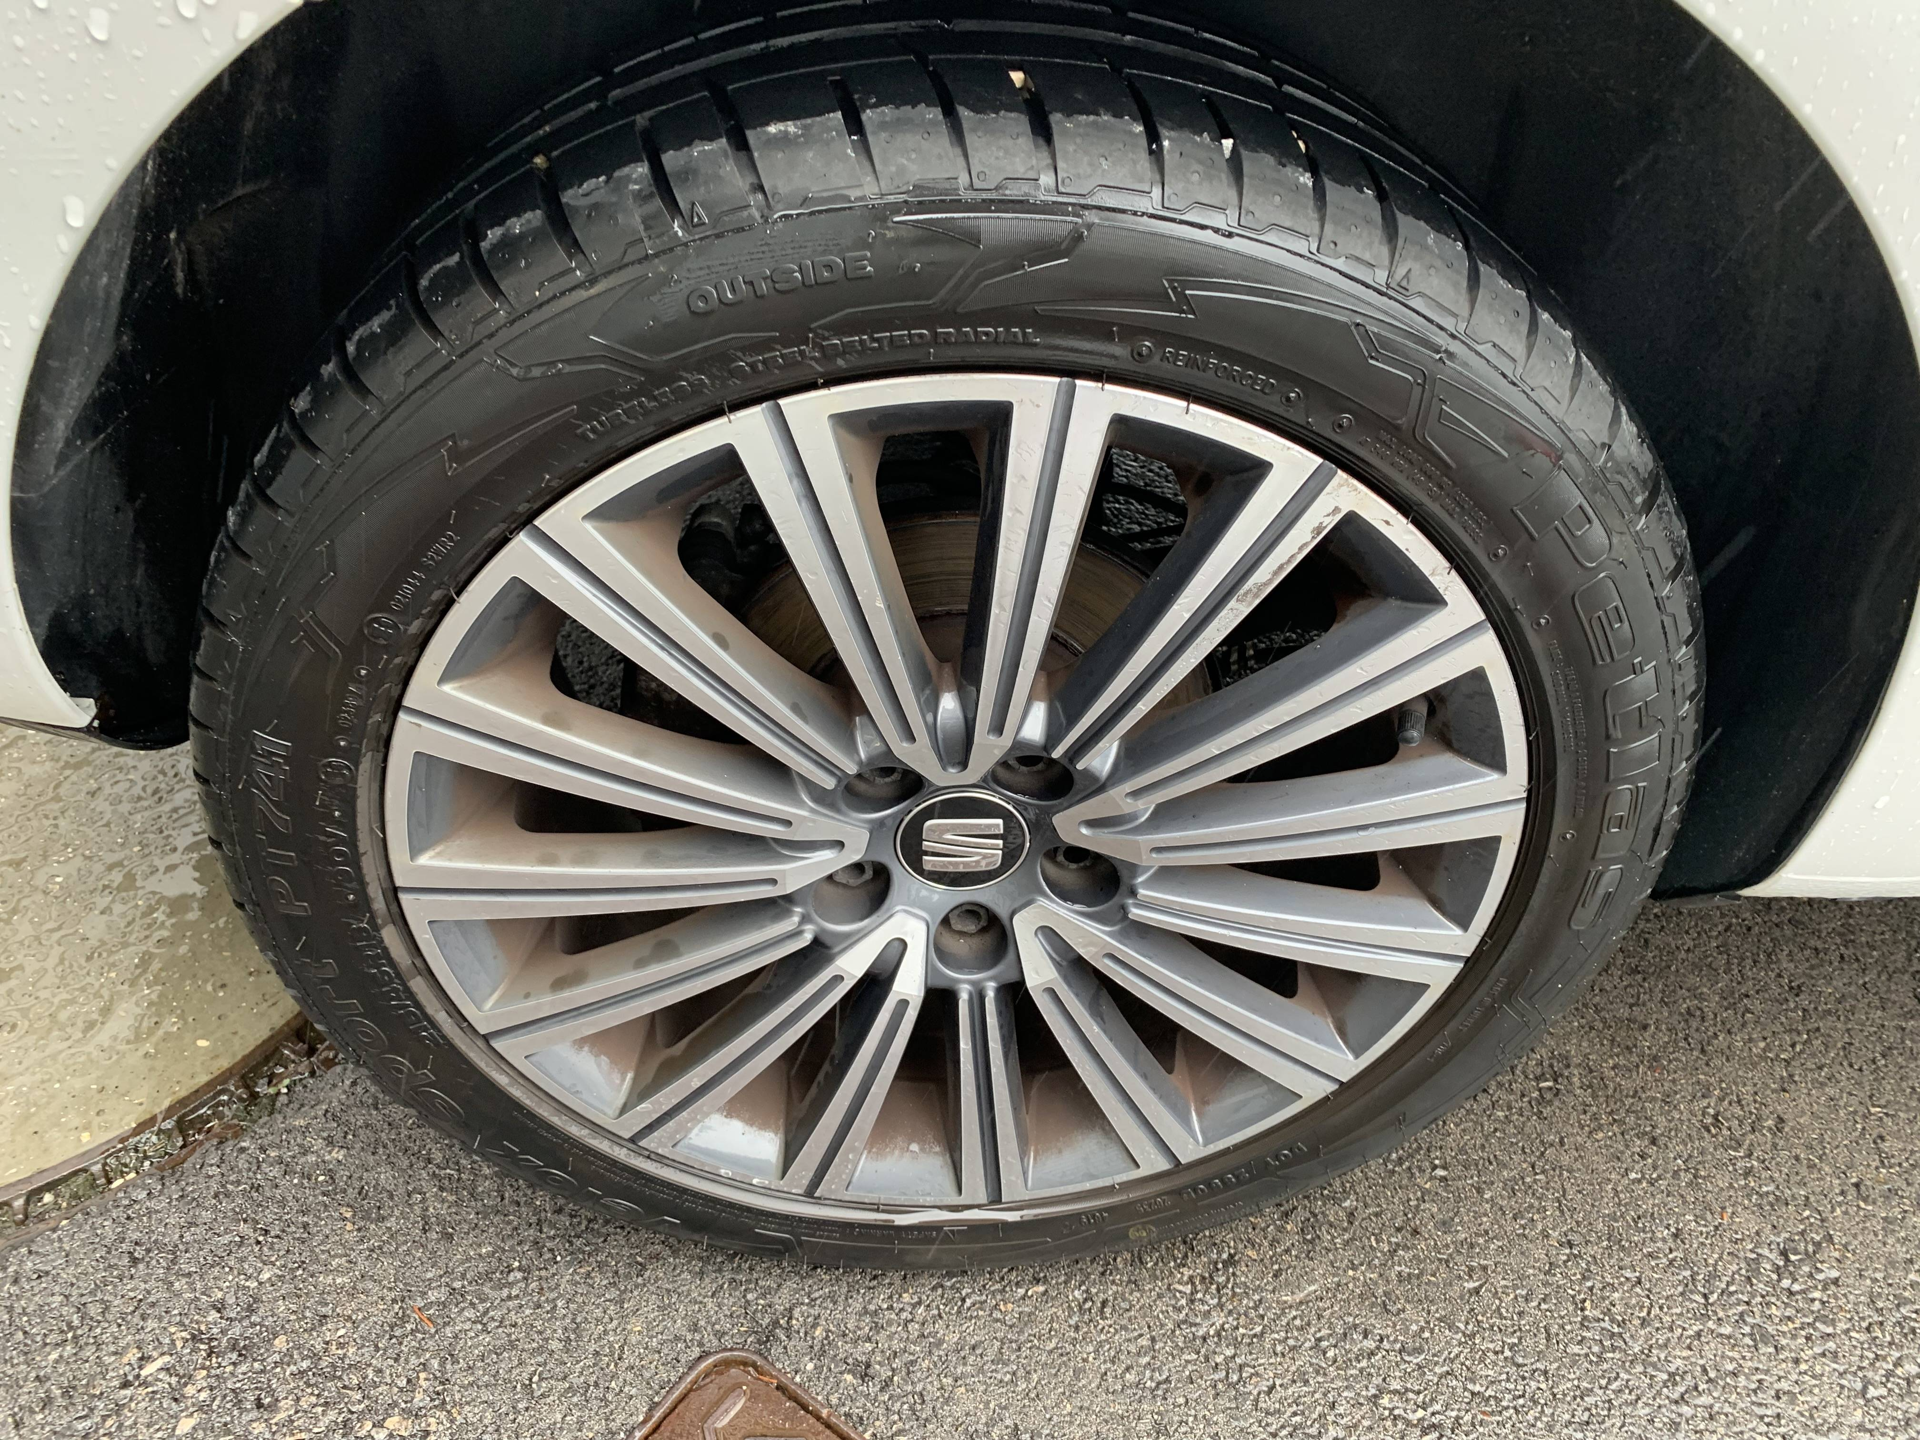 2 - Ibiza SC 1.2 TSI 90 ch